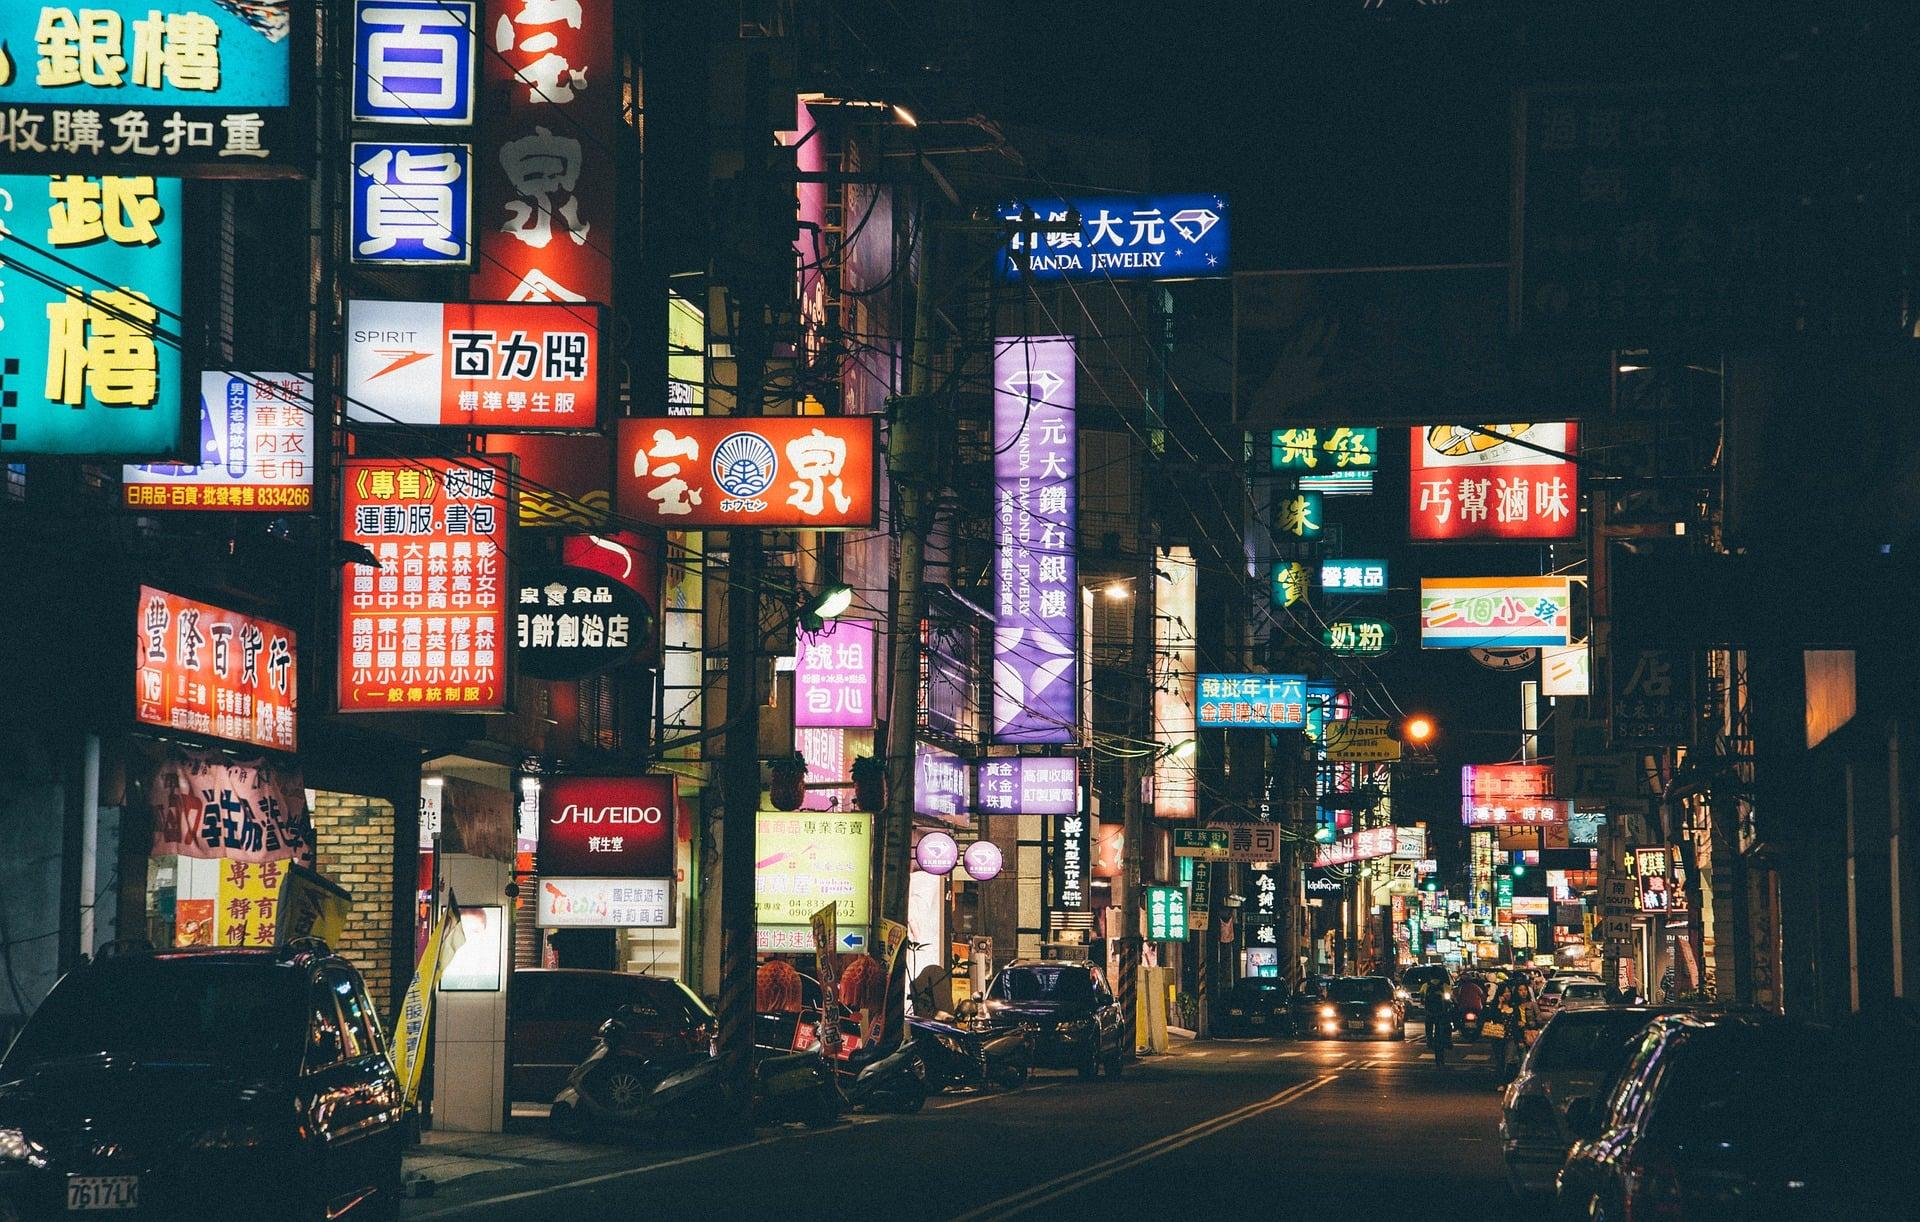 Przegląd ofert chińskich sklepów #17 - inteligentny dom za grosze